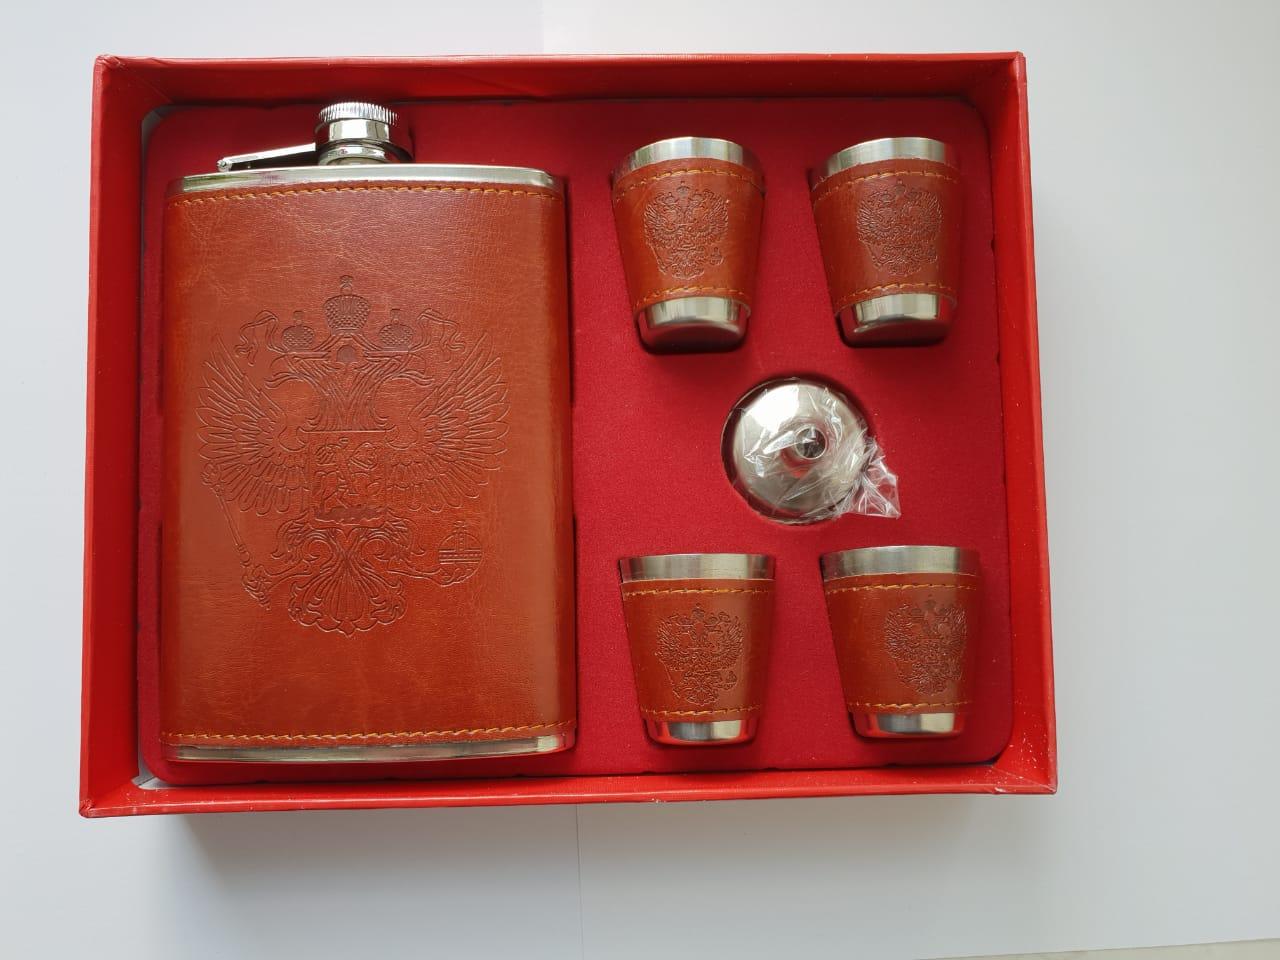 Фляга Markclub подарочный набор ZCH-13, светло-коричневый подарочный набор чаем и медом